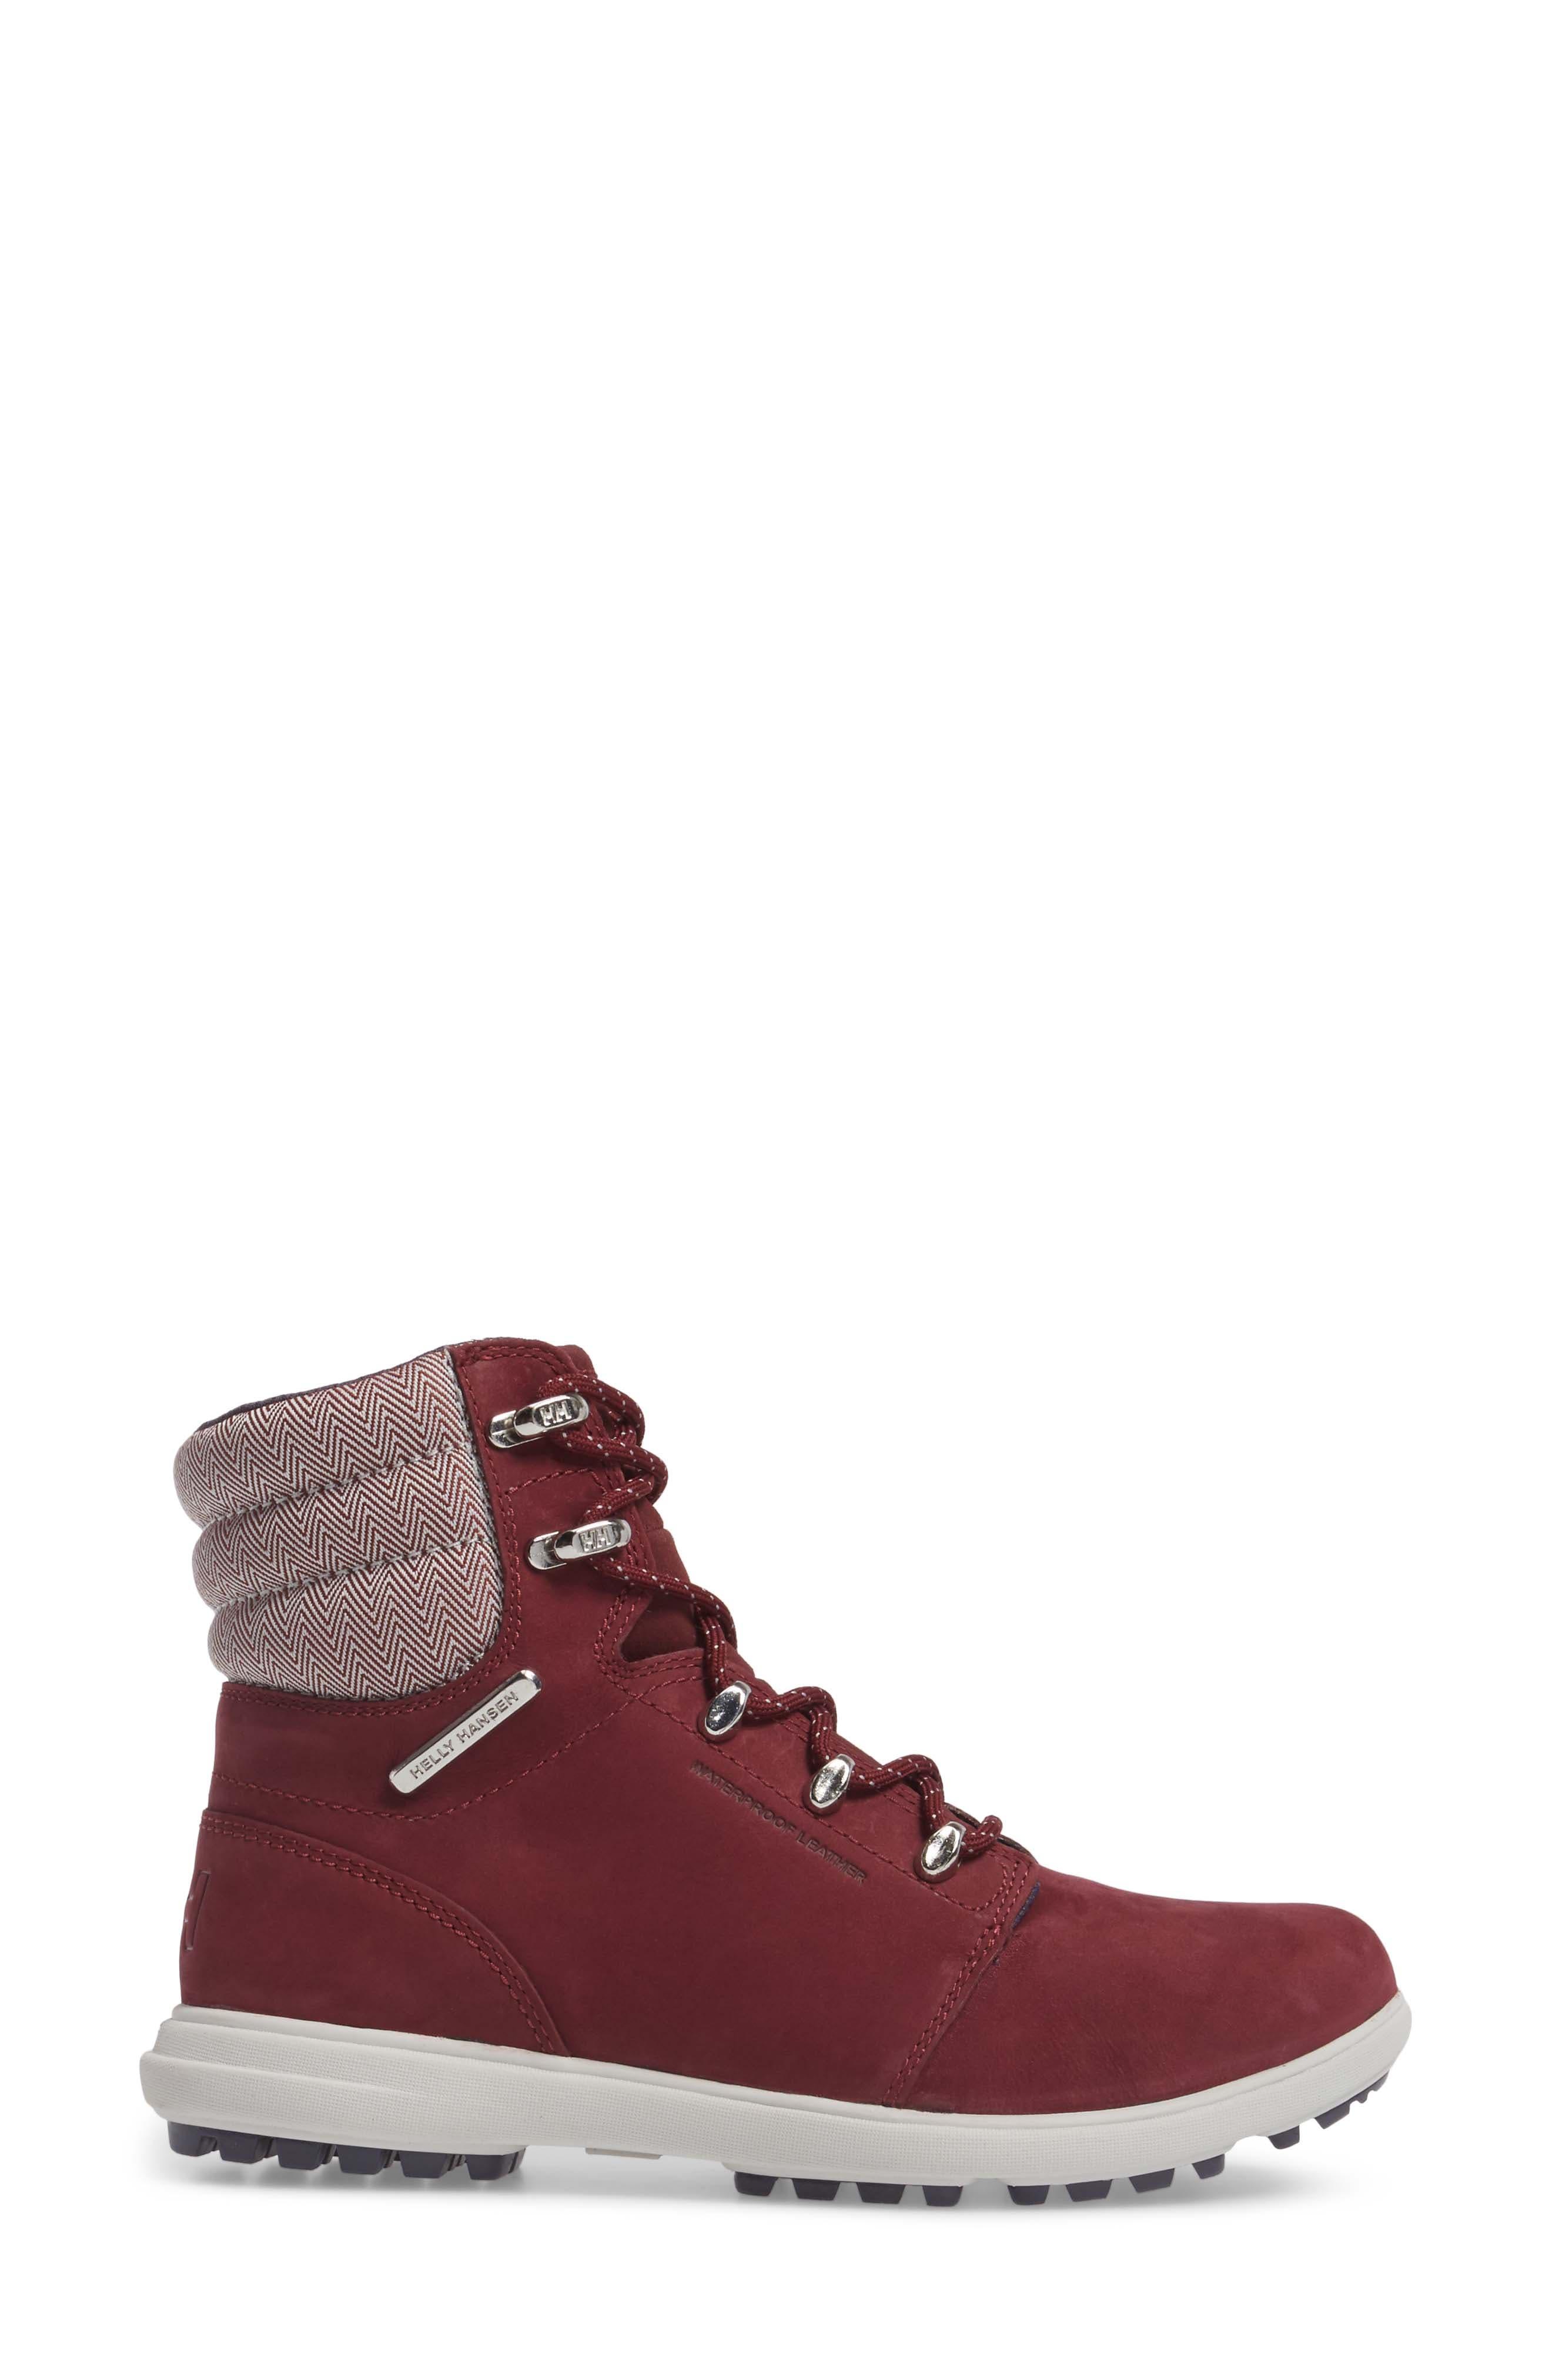 Alternate Image 3  - Helly Hansen 'W.A.S.T 2' Waterproof Hiker Boot (Women)